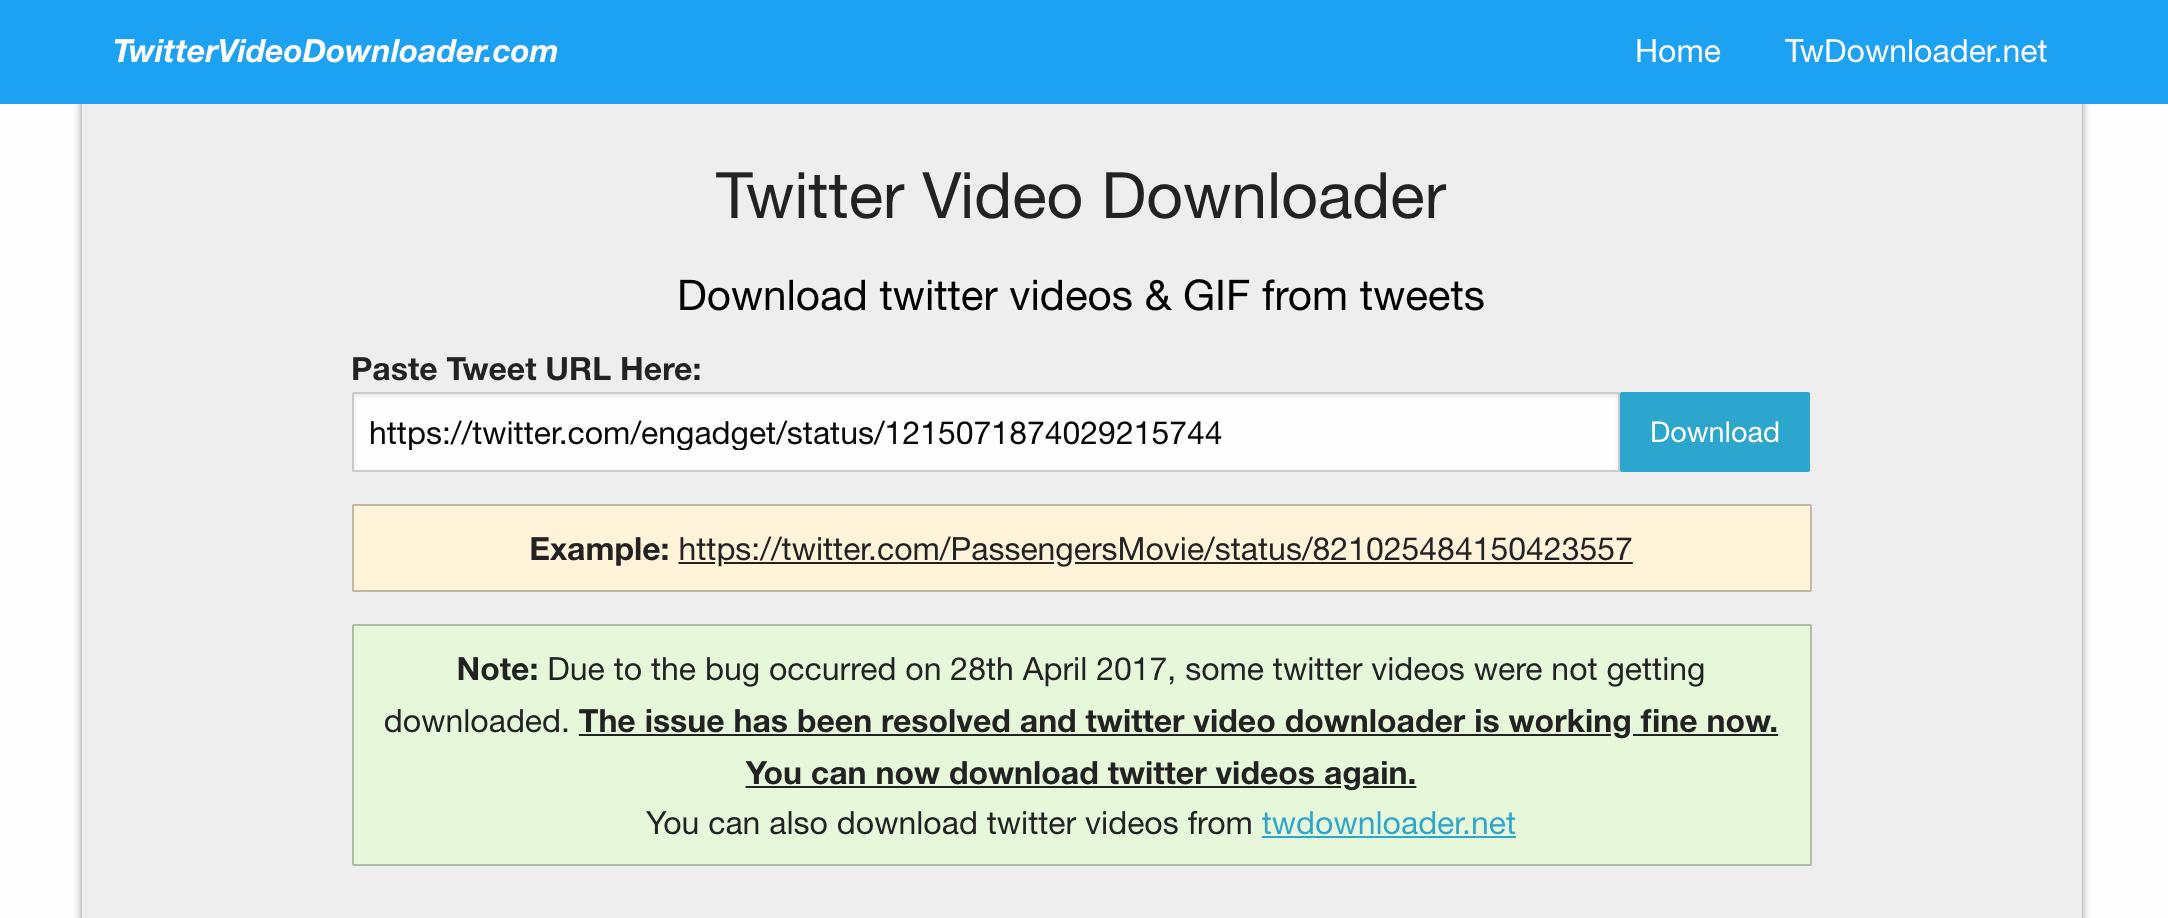 Cách tải video Twitter về máy